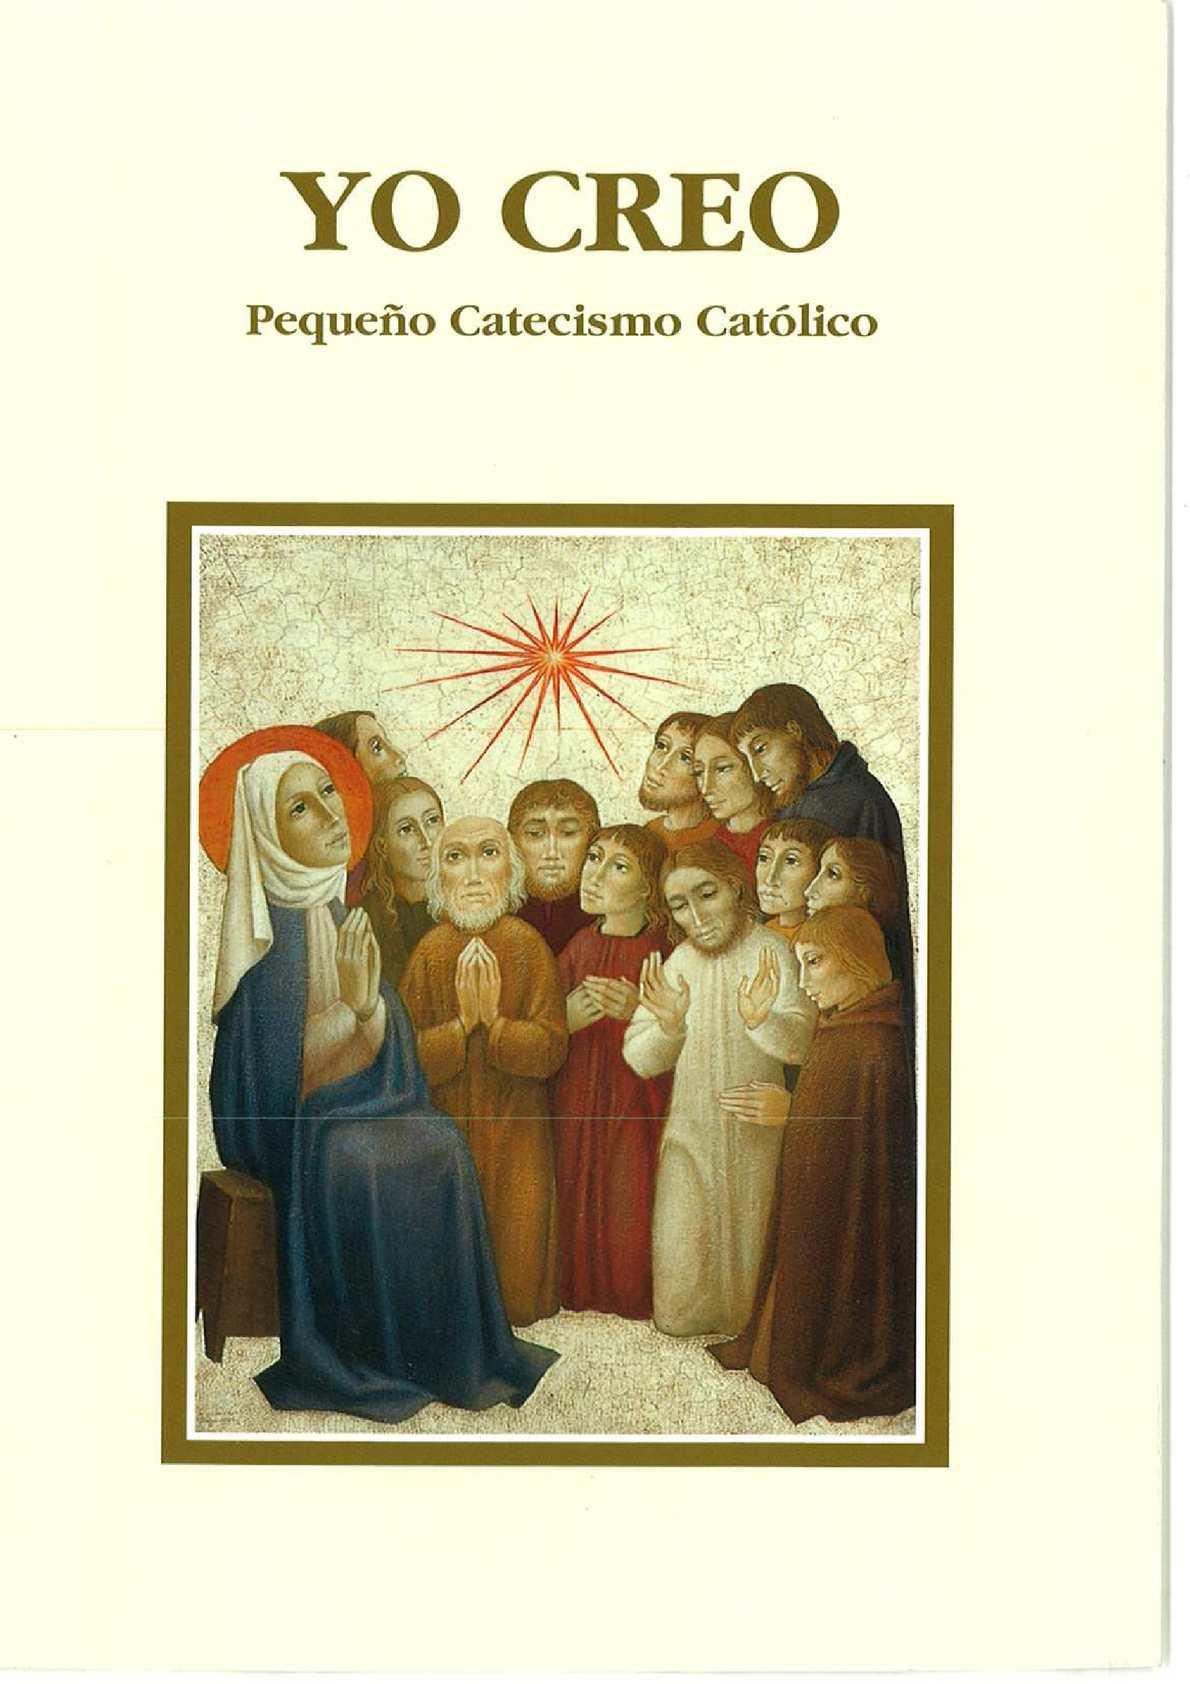 Yo Creo - Pequeño Catecismo Católico